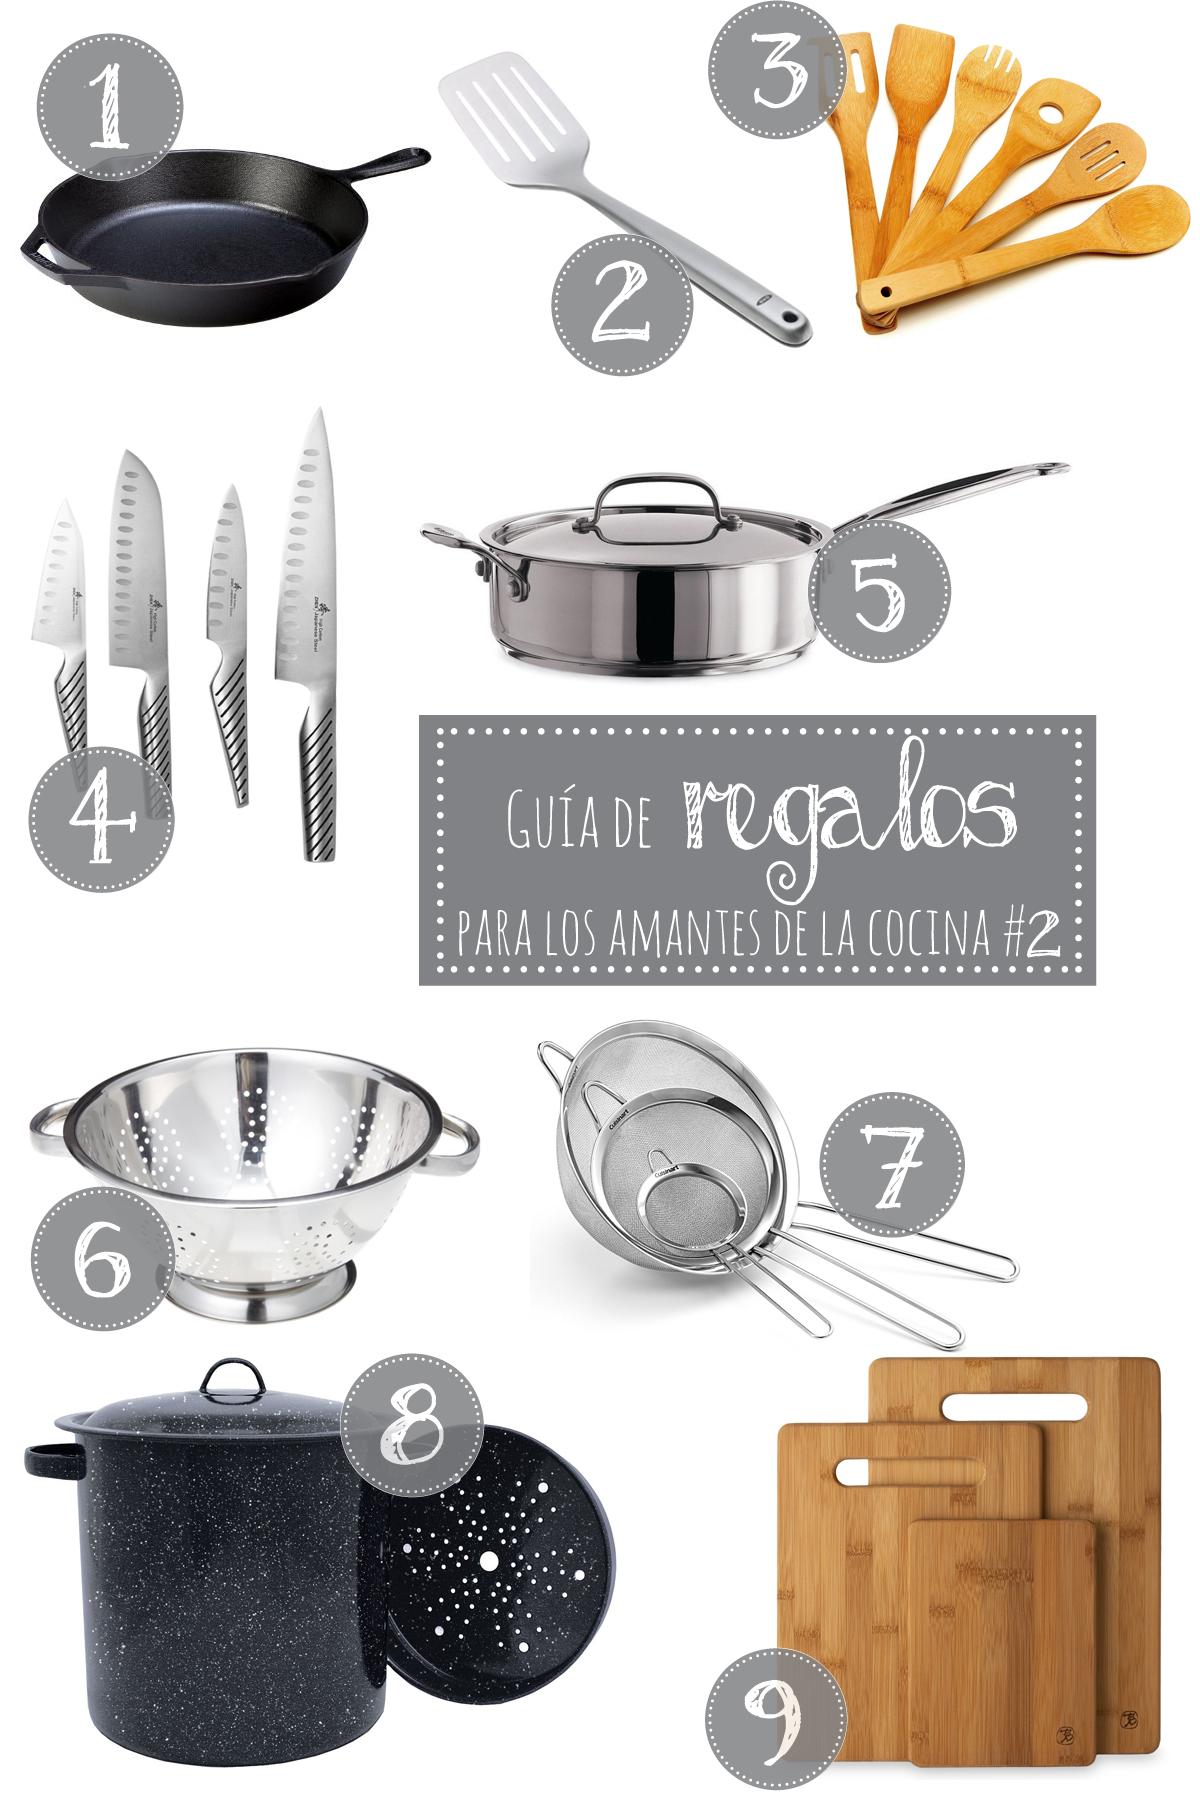 Guia de regalos para los amantes de la cocina 2 the for Guia mecanica de cocina pdf